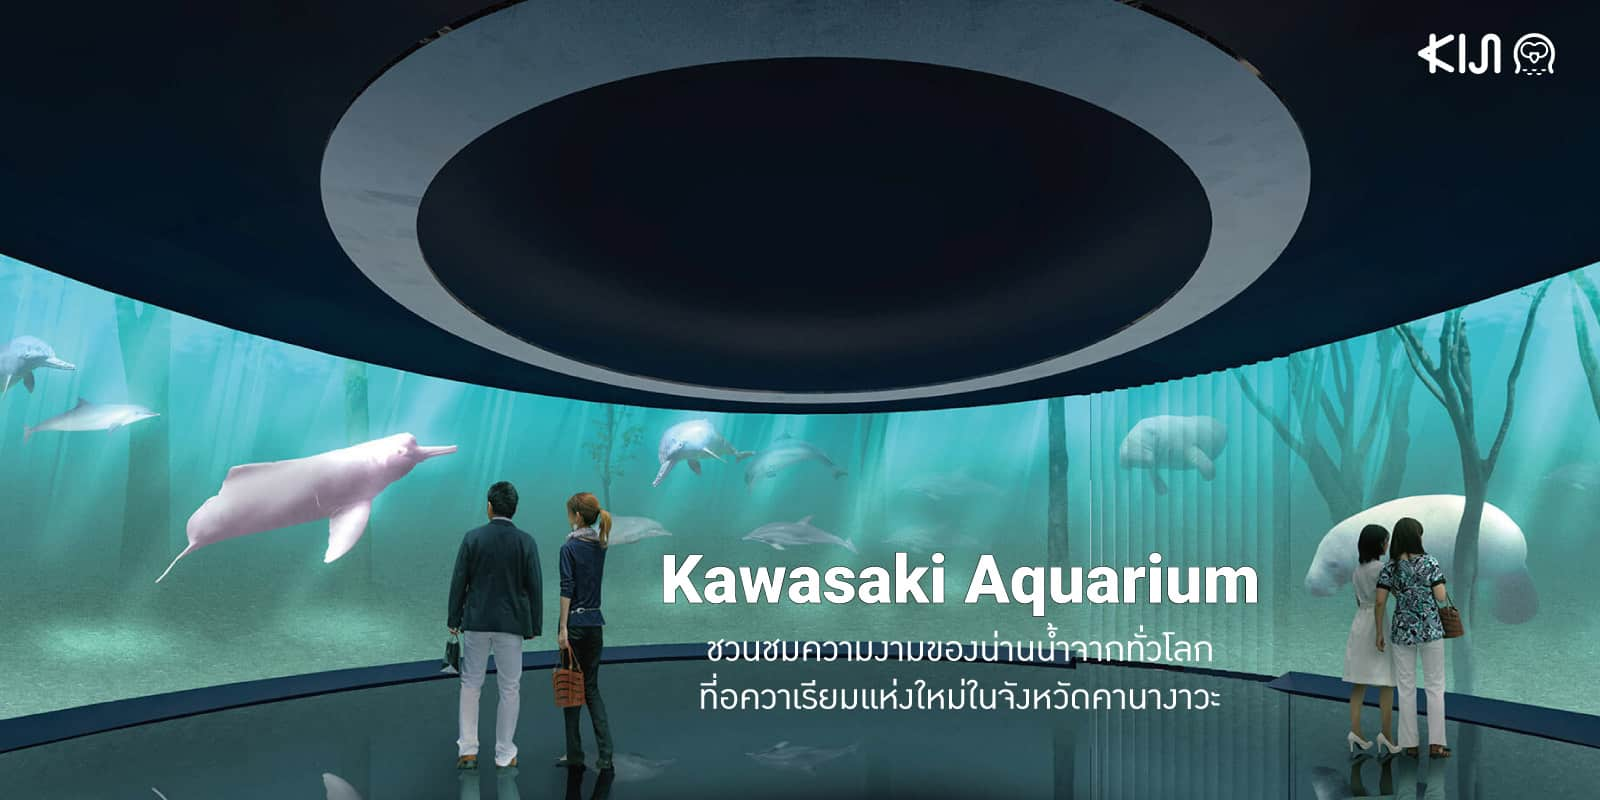 ที่เที่ยวคานางาวะ Kawasaki Aquarium